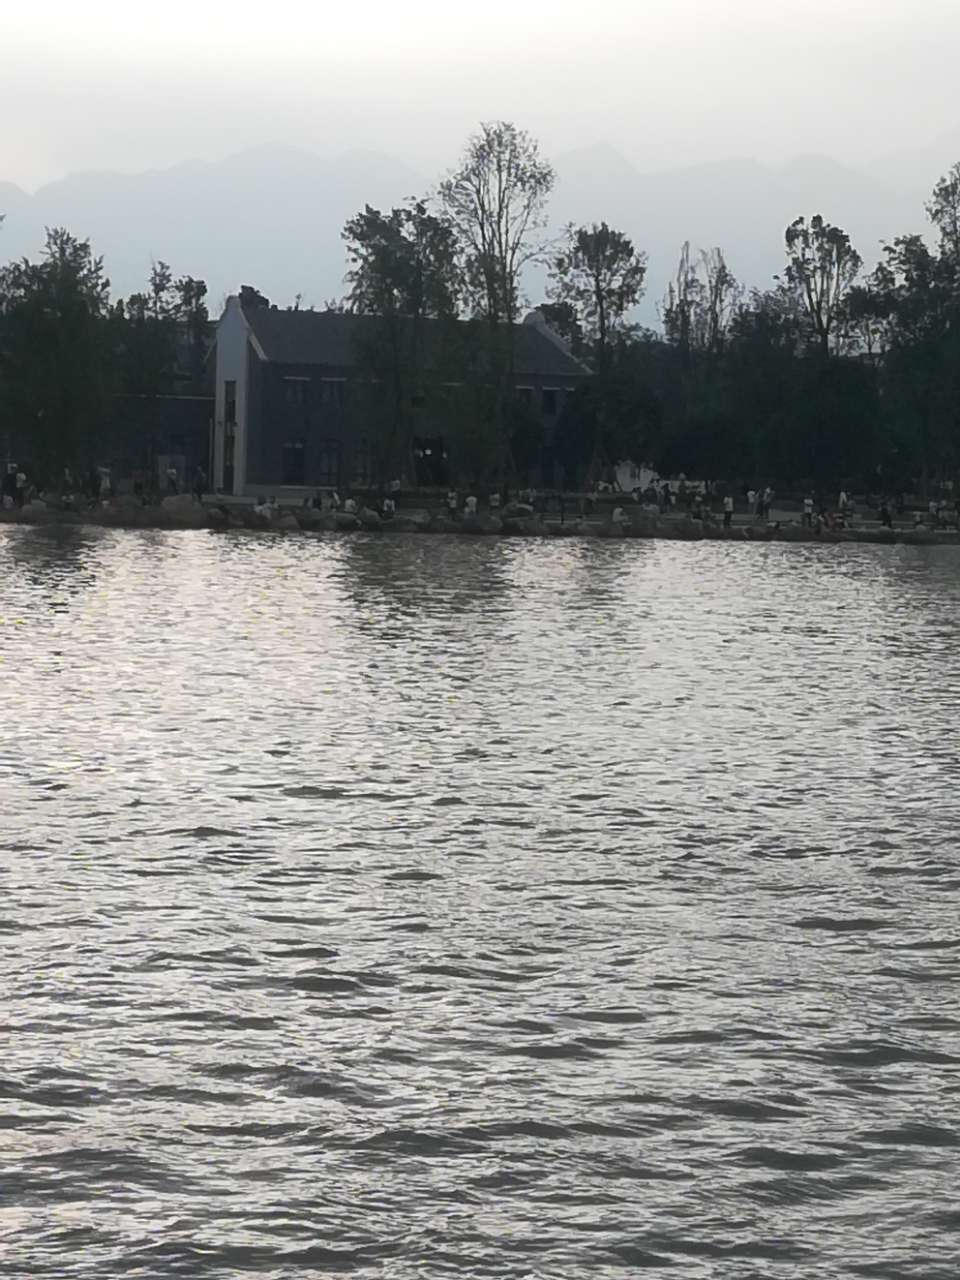 明月岛公园大游船 - 江油论坛,因你更精彩!